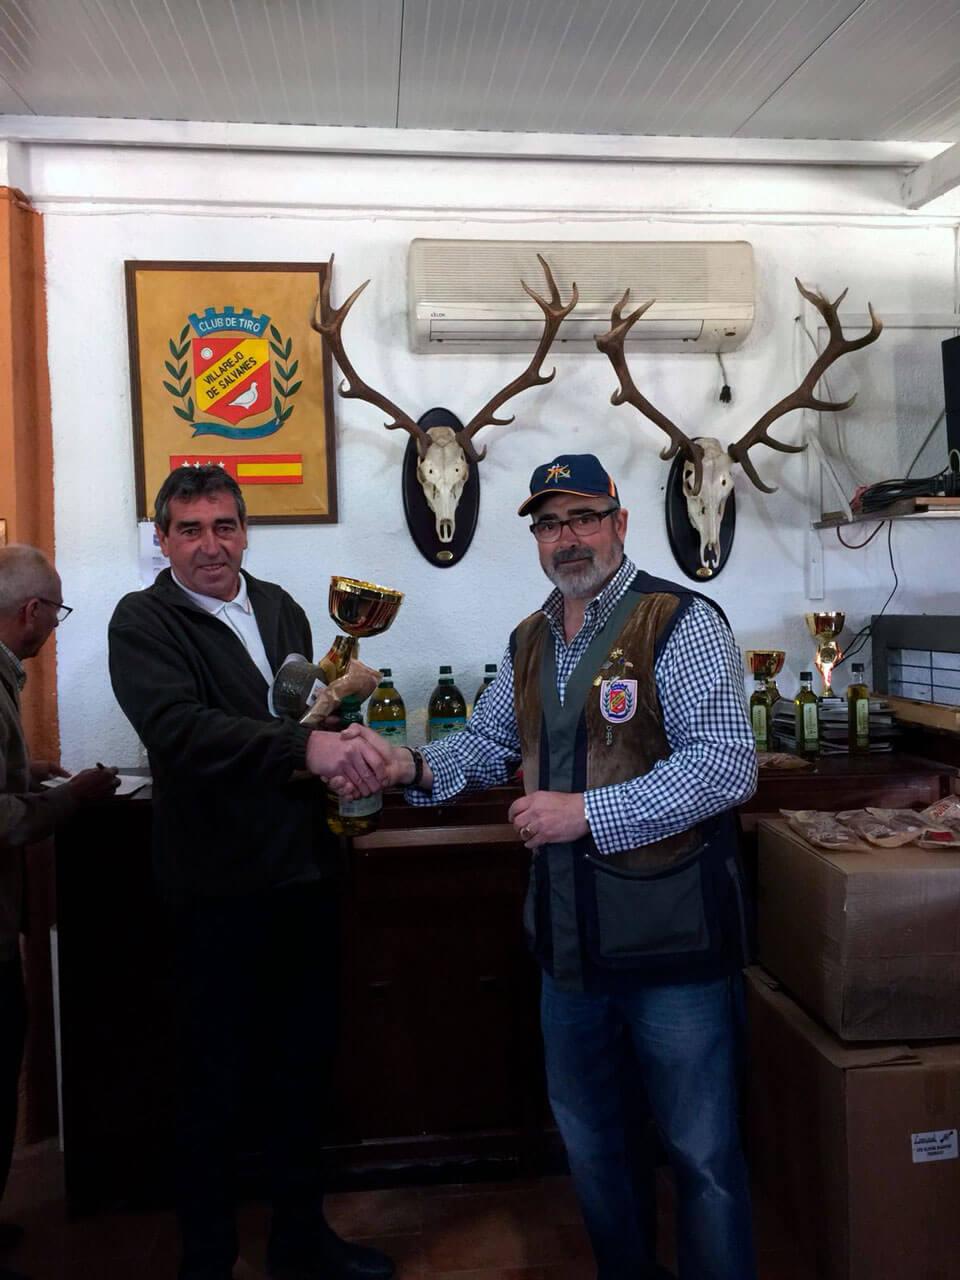 D. Jesús Manzanero, Campeón de la prueba recibiendo el trofeo de D. Antonio Garnacho, Director de Tiro de la prueba.